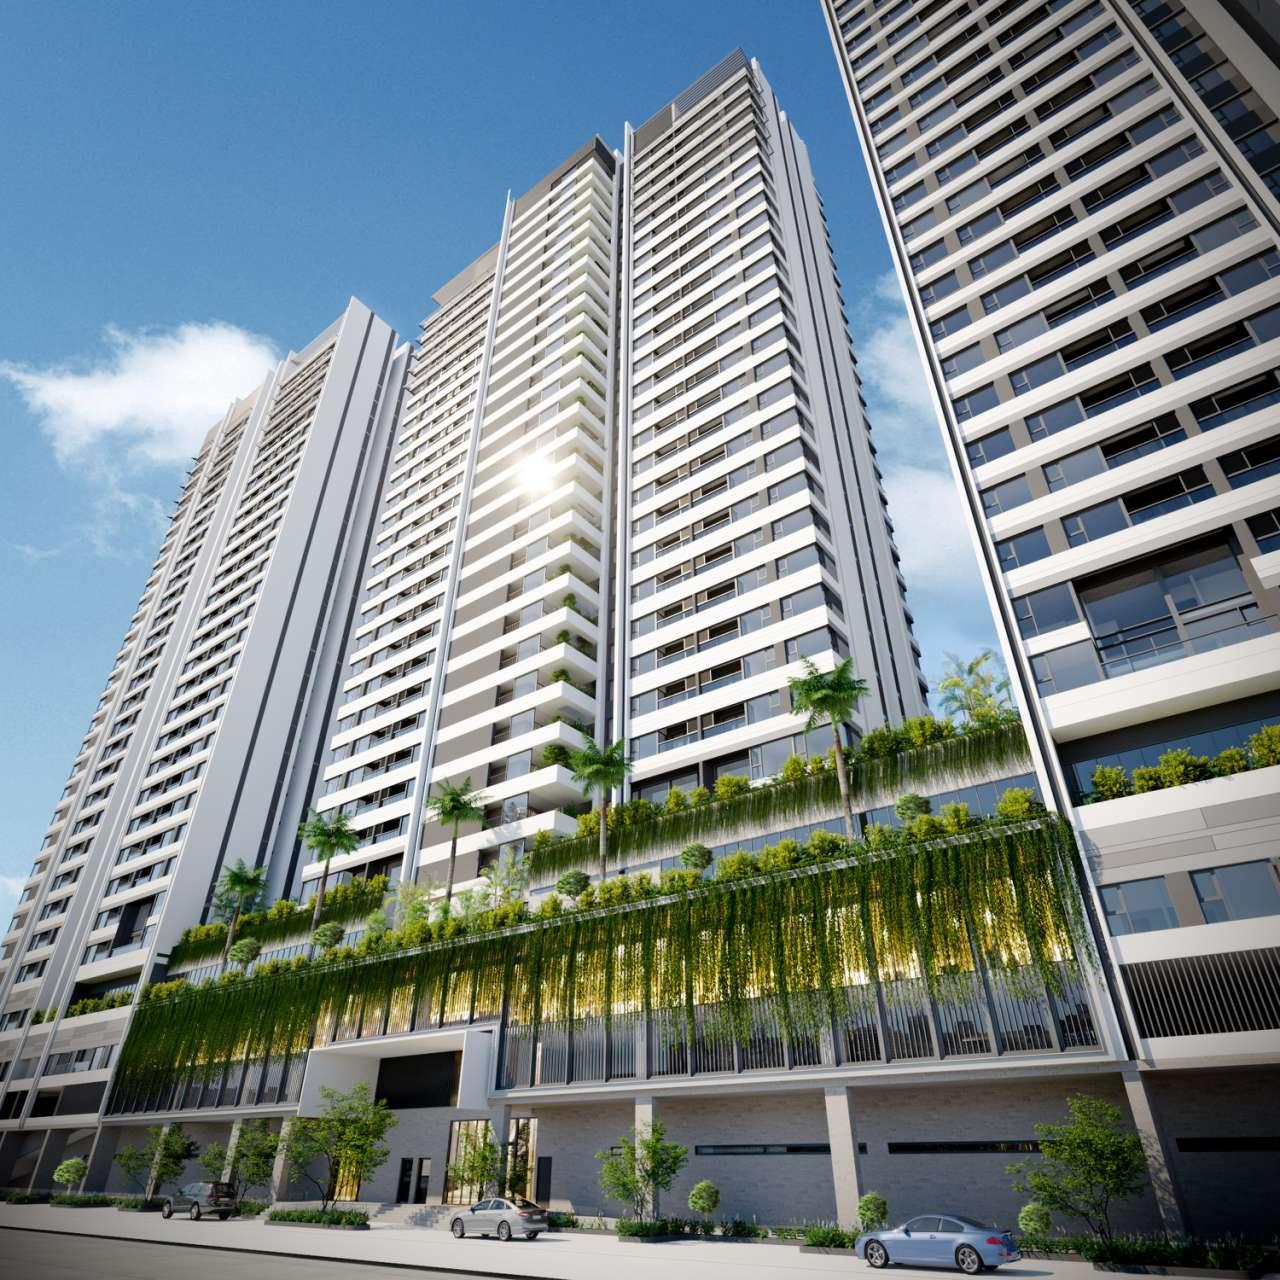 Dự án chung cư Kingdom 101 Q10 vừa chính thức khởi công từ cuối tháng 09/2017 và sẽ mất 22 tháng để hoàn thành. Dự án Kingdom sẽ là khu căn hộ đáng sống nhất quận 10, đến quý 04/2019 nơi đây sẽ là một khu dân cư văn minh với tiện ích bậc nhất, kết nối giao thông thuận tiện mọi khu vực trung tâm thành phố.